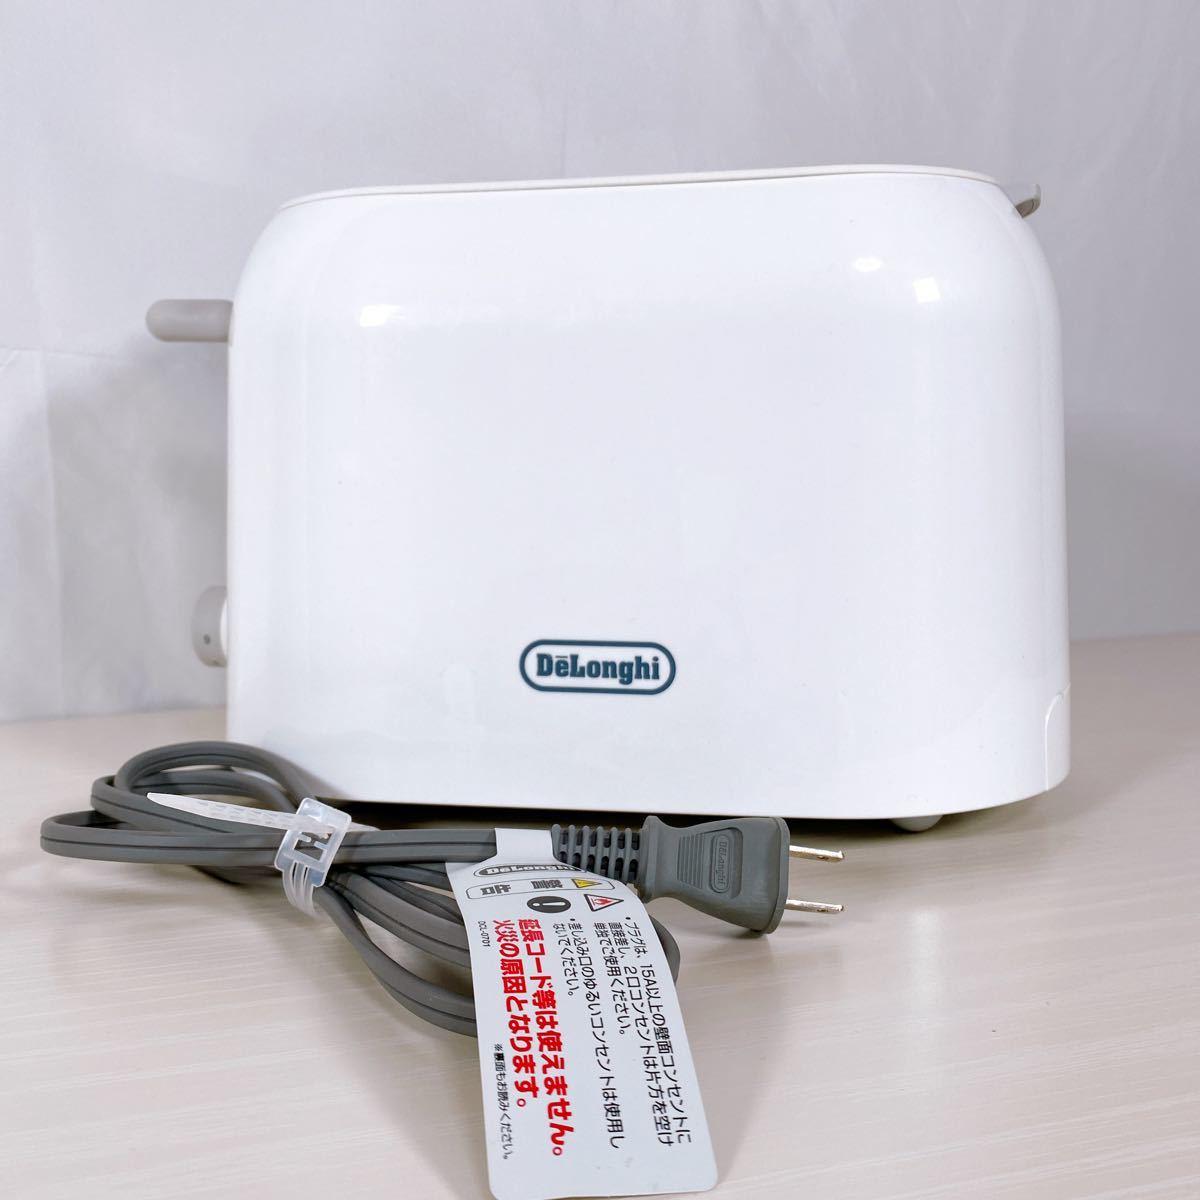 デロンギ ポップ アップ トースター